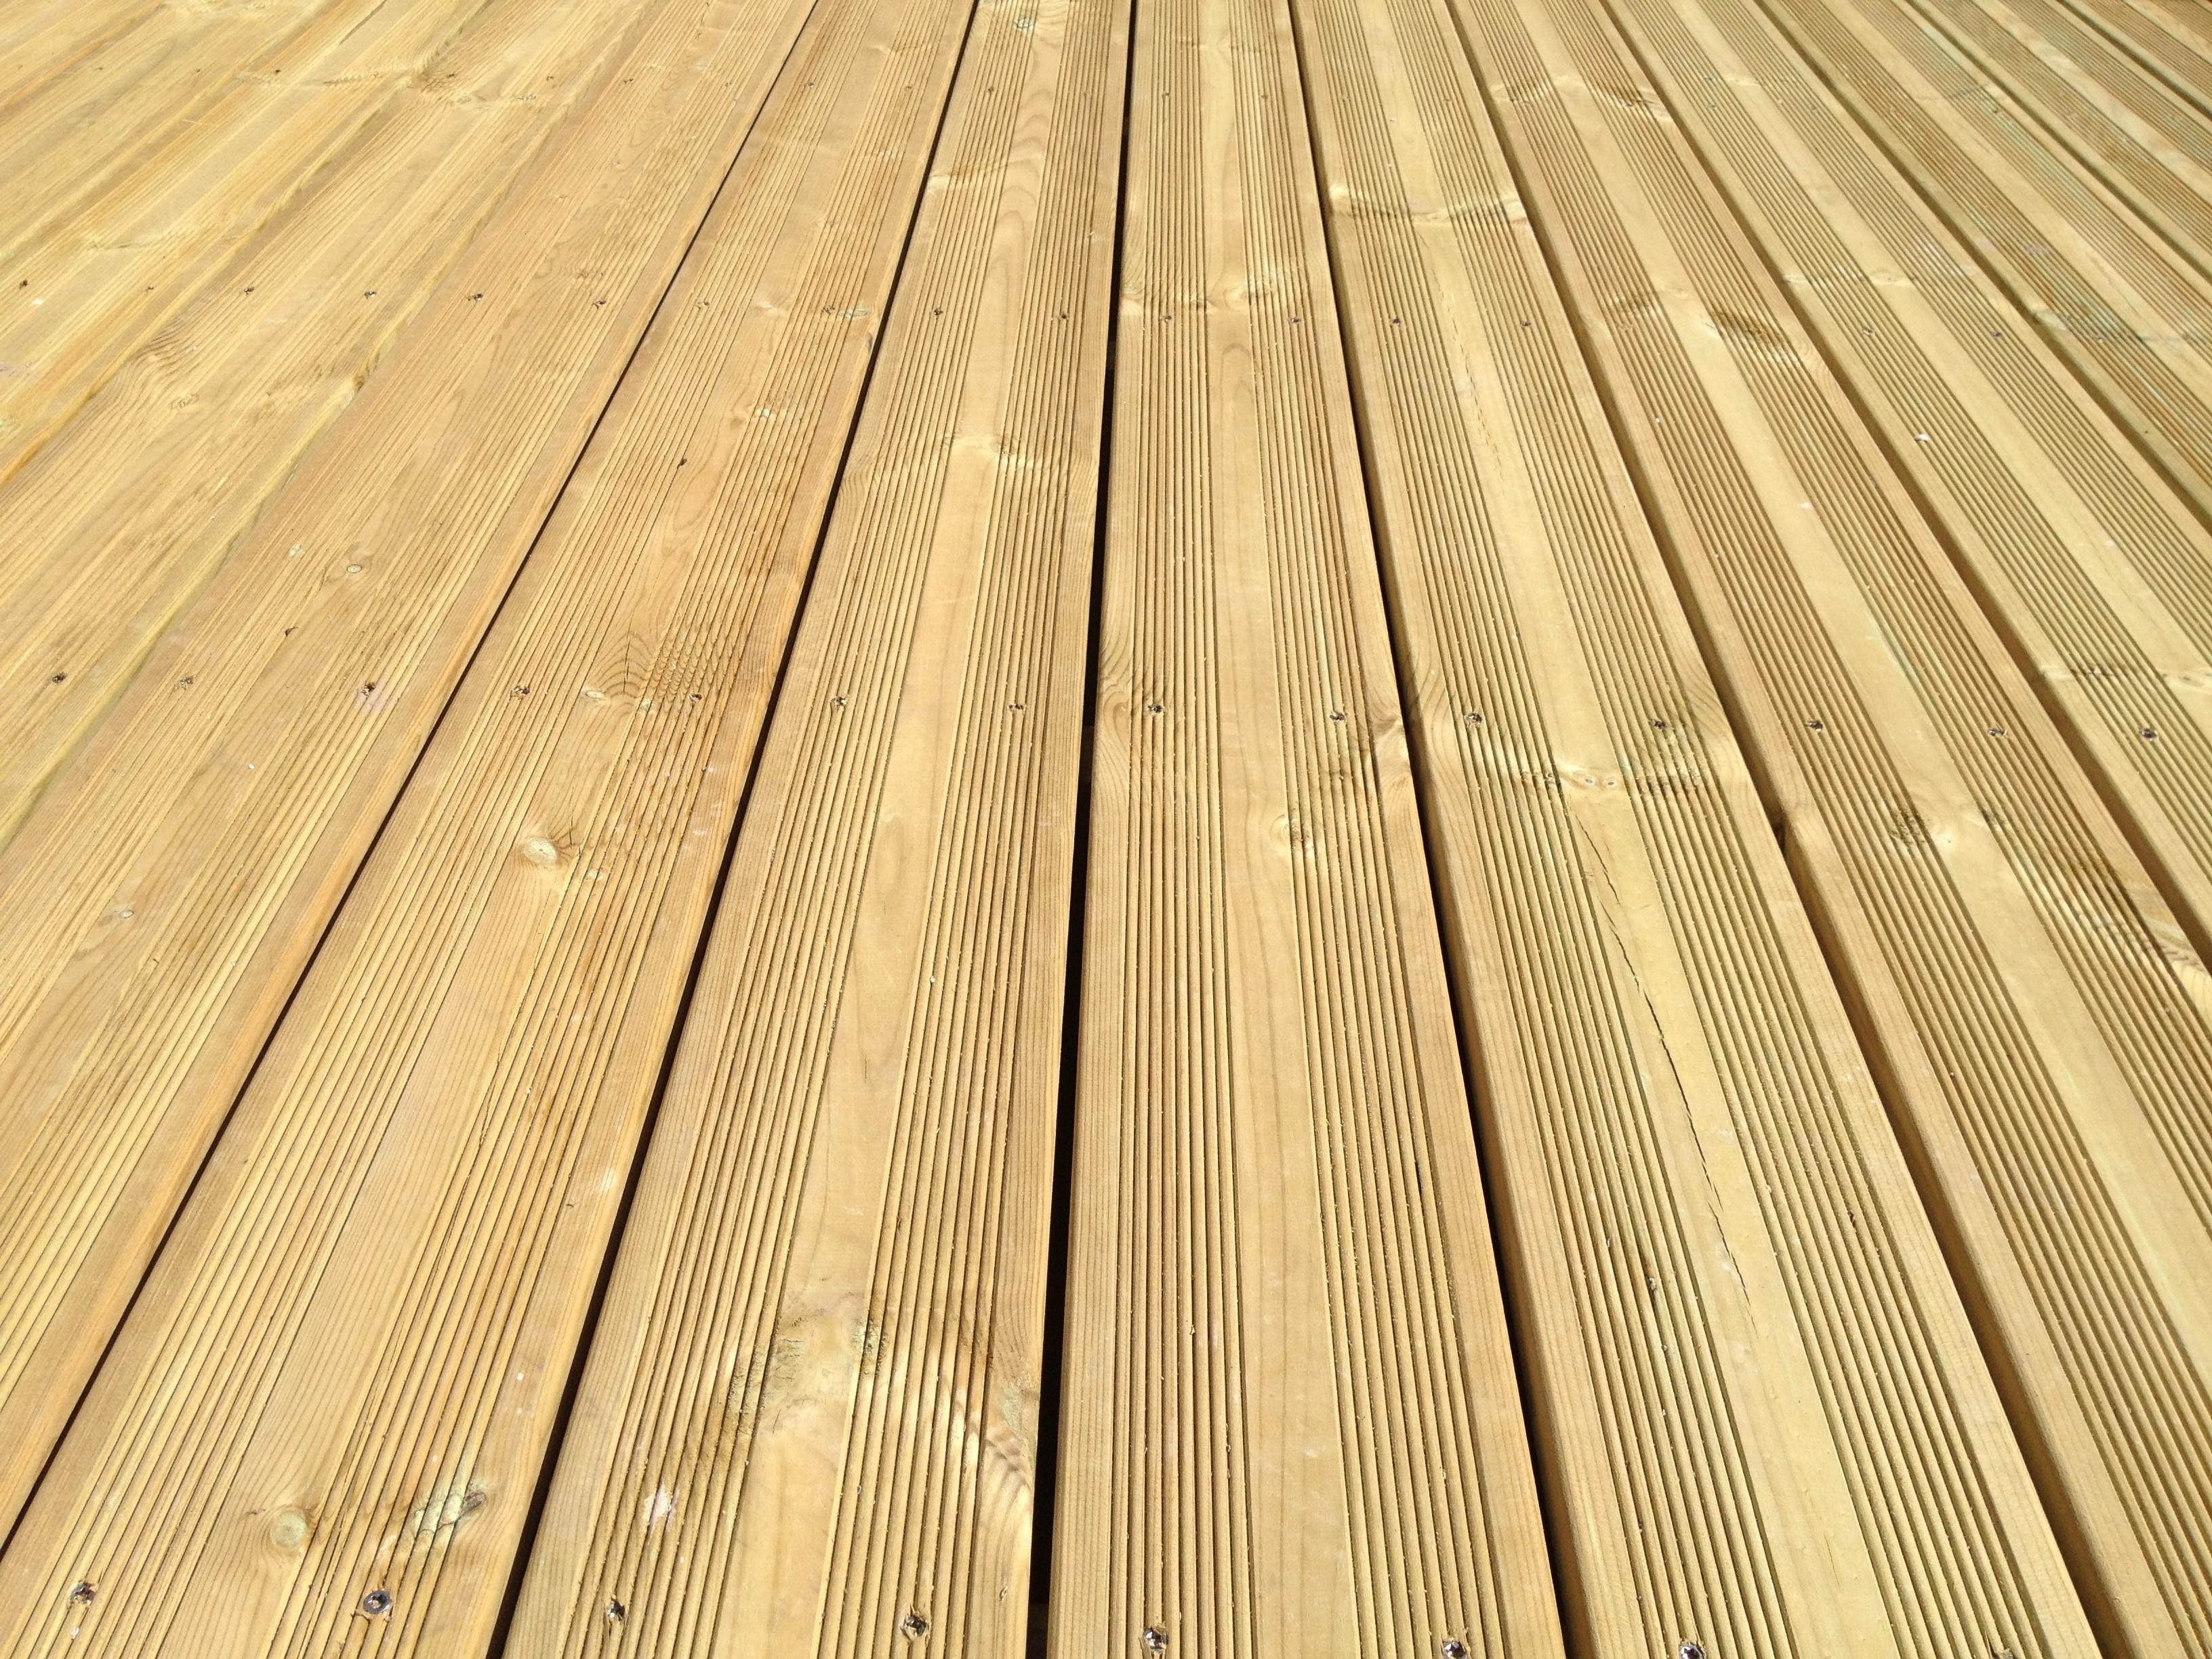 Lames Terrasse Pin 27X145Mm - Traité Cl4 Vert destiné Lame De Terrasse En Bois